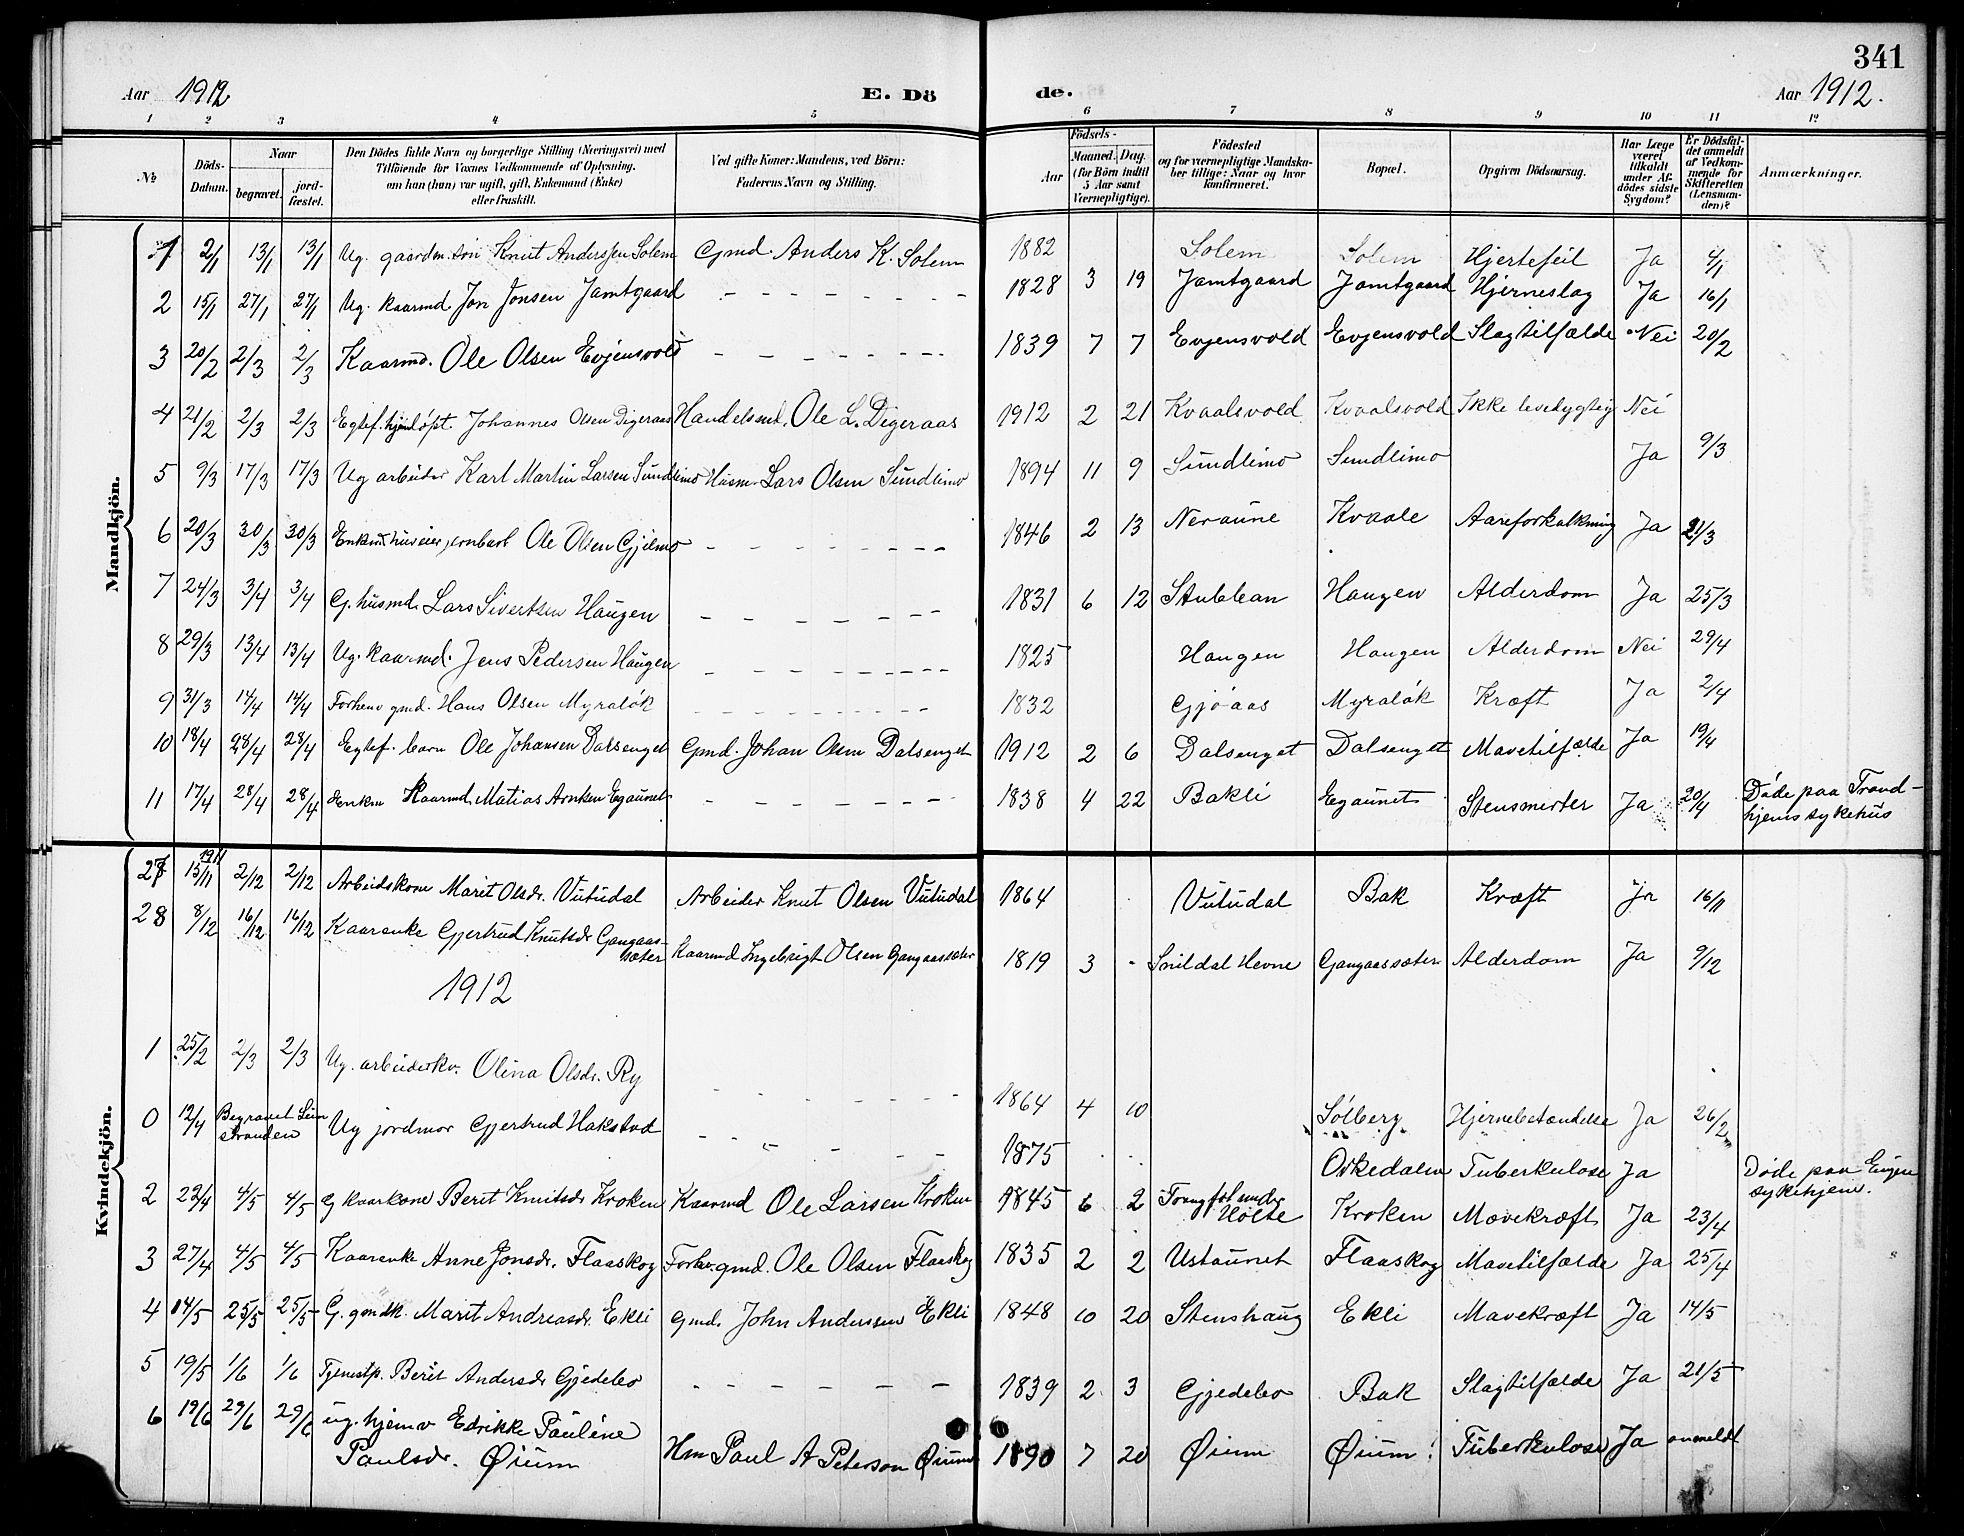 SAT, Ministerialprotokoller, klokkerbøker og fødselsregistre - Sør-Trøndelag, 668/L0819: Klokkerbok nr. 668C08, 1899-1912, s. 341